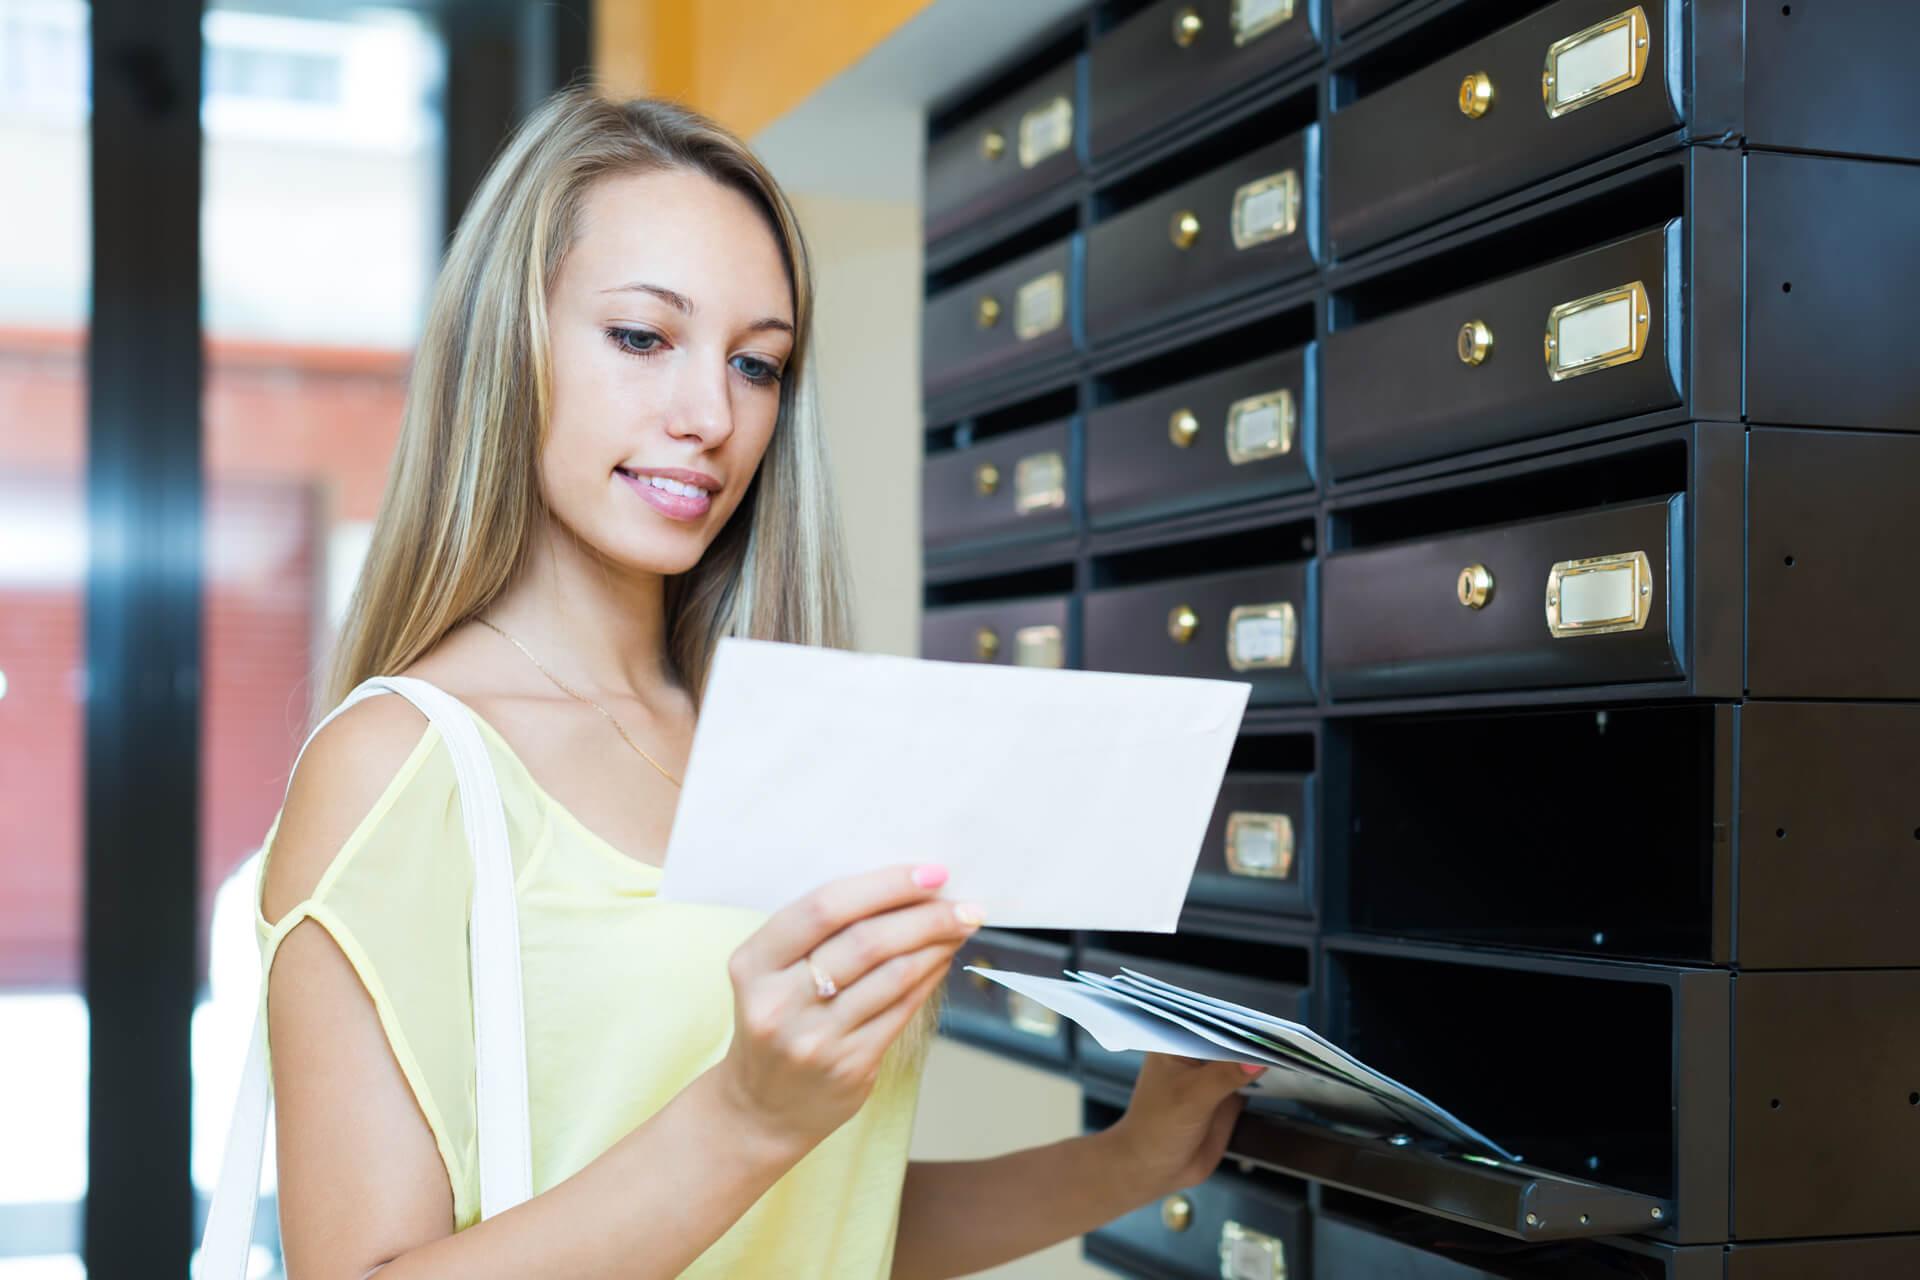 Post von der Versicherung? Warum Verbraucher ihre Lebensversicherungen nicht kündigen sollten